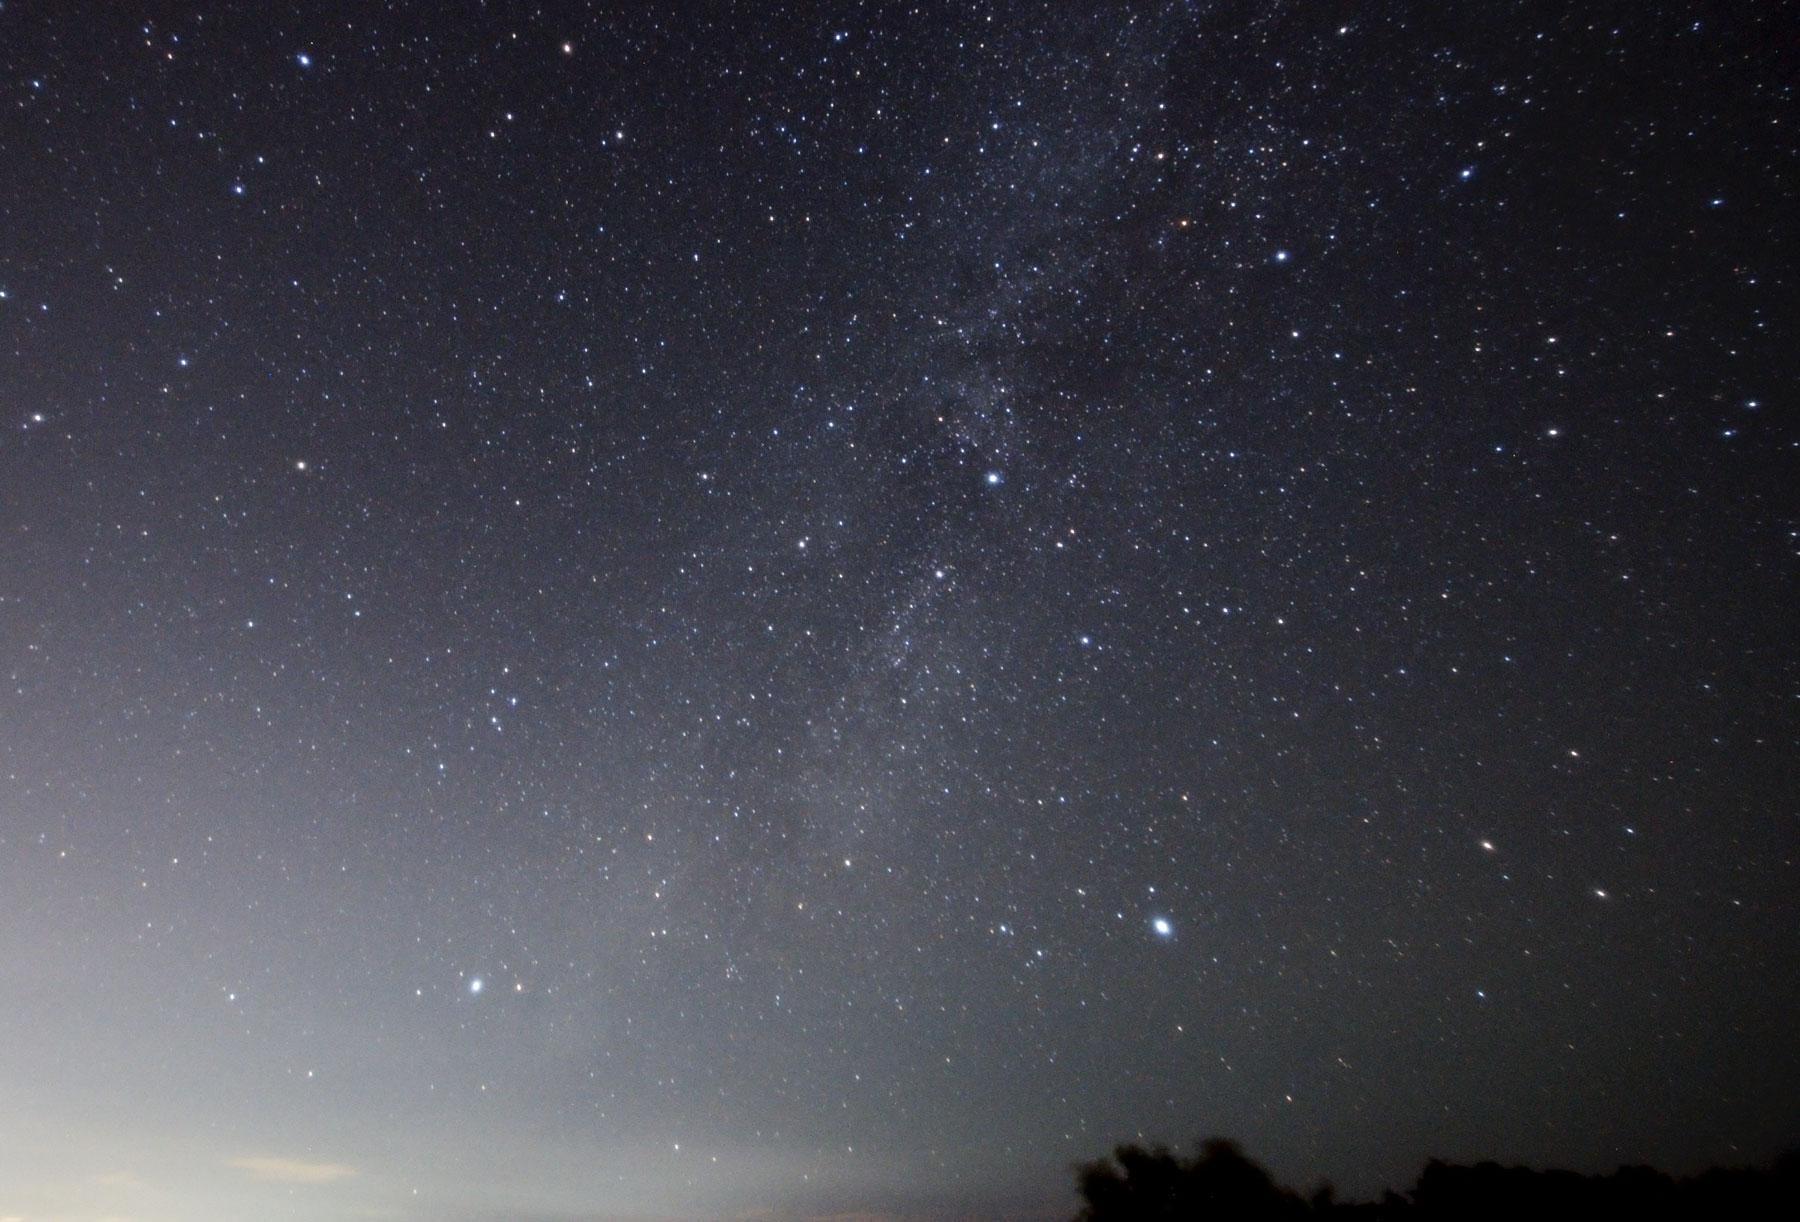 【2021年】7月7日は七夕!こと座のベガ(おり姫星)と、わし座のアルタイル(ひこ星)を見つけよう!